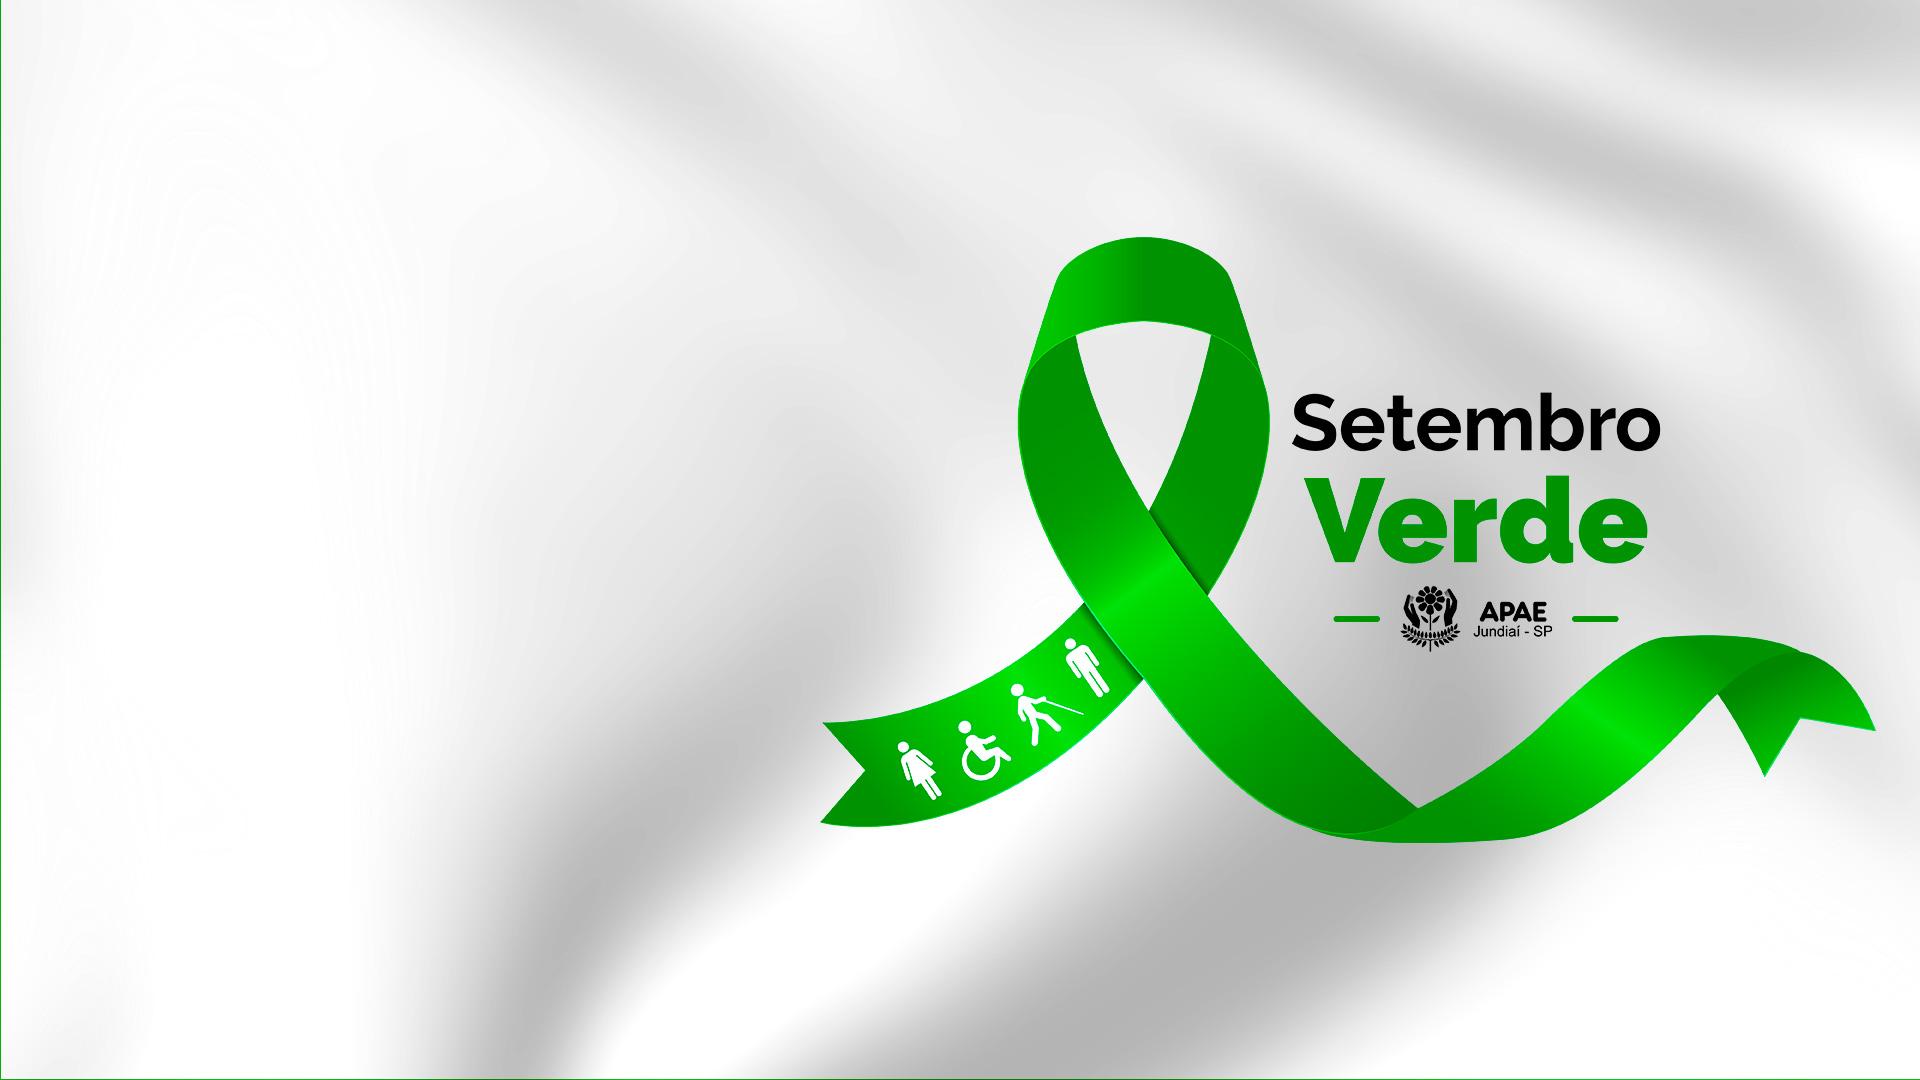 SETEMBRO VERDE – APAE de Jundiaí comemora a inclusão de 91 alunos entre os anos de 2012 e 2020 no mercado de trabalho